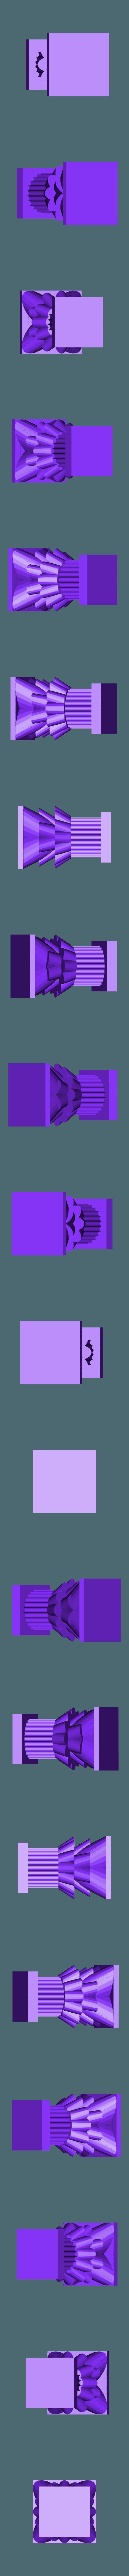 column_1-2_20160831-16085-vhimnv-0.stl Télécharger fichier STL gratuit Ma colonne personnalisée • Plan à imprimer en 3D, TresaRyGoul